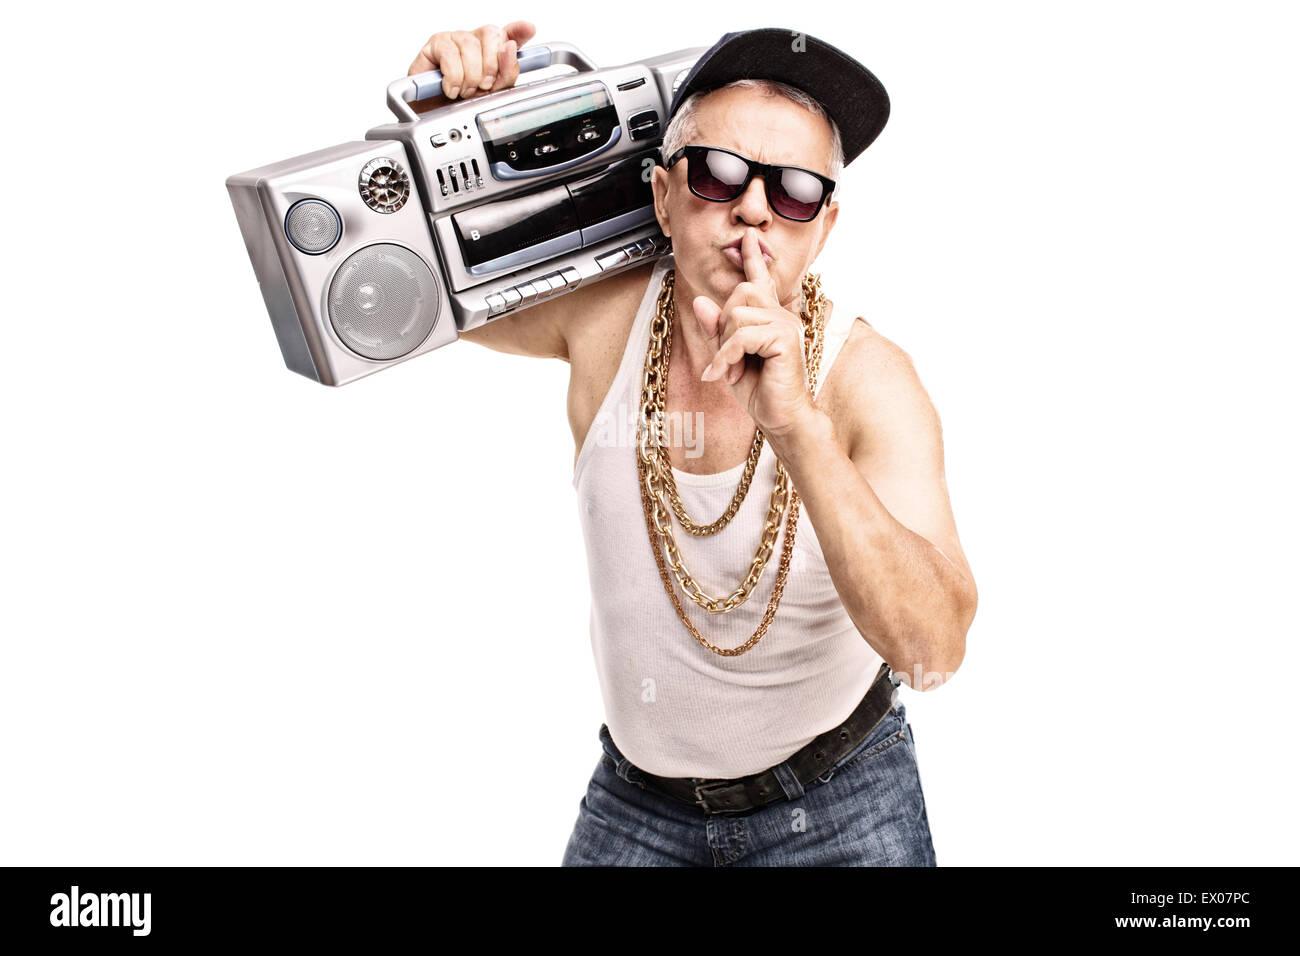 Uomo maturo in hip-hop vestiti portando un ghetto blaster sulla sua spalla e  tenendo un dito sulle sue labbra 1ab5d3f9e234